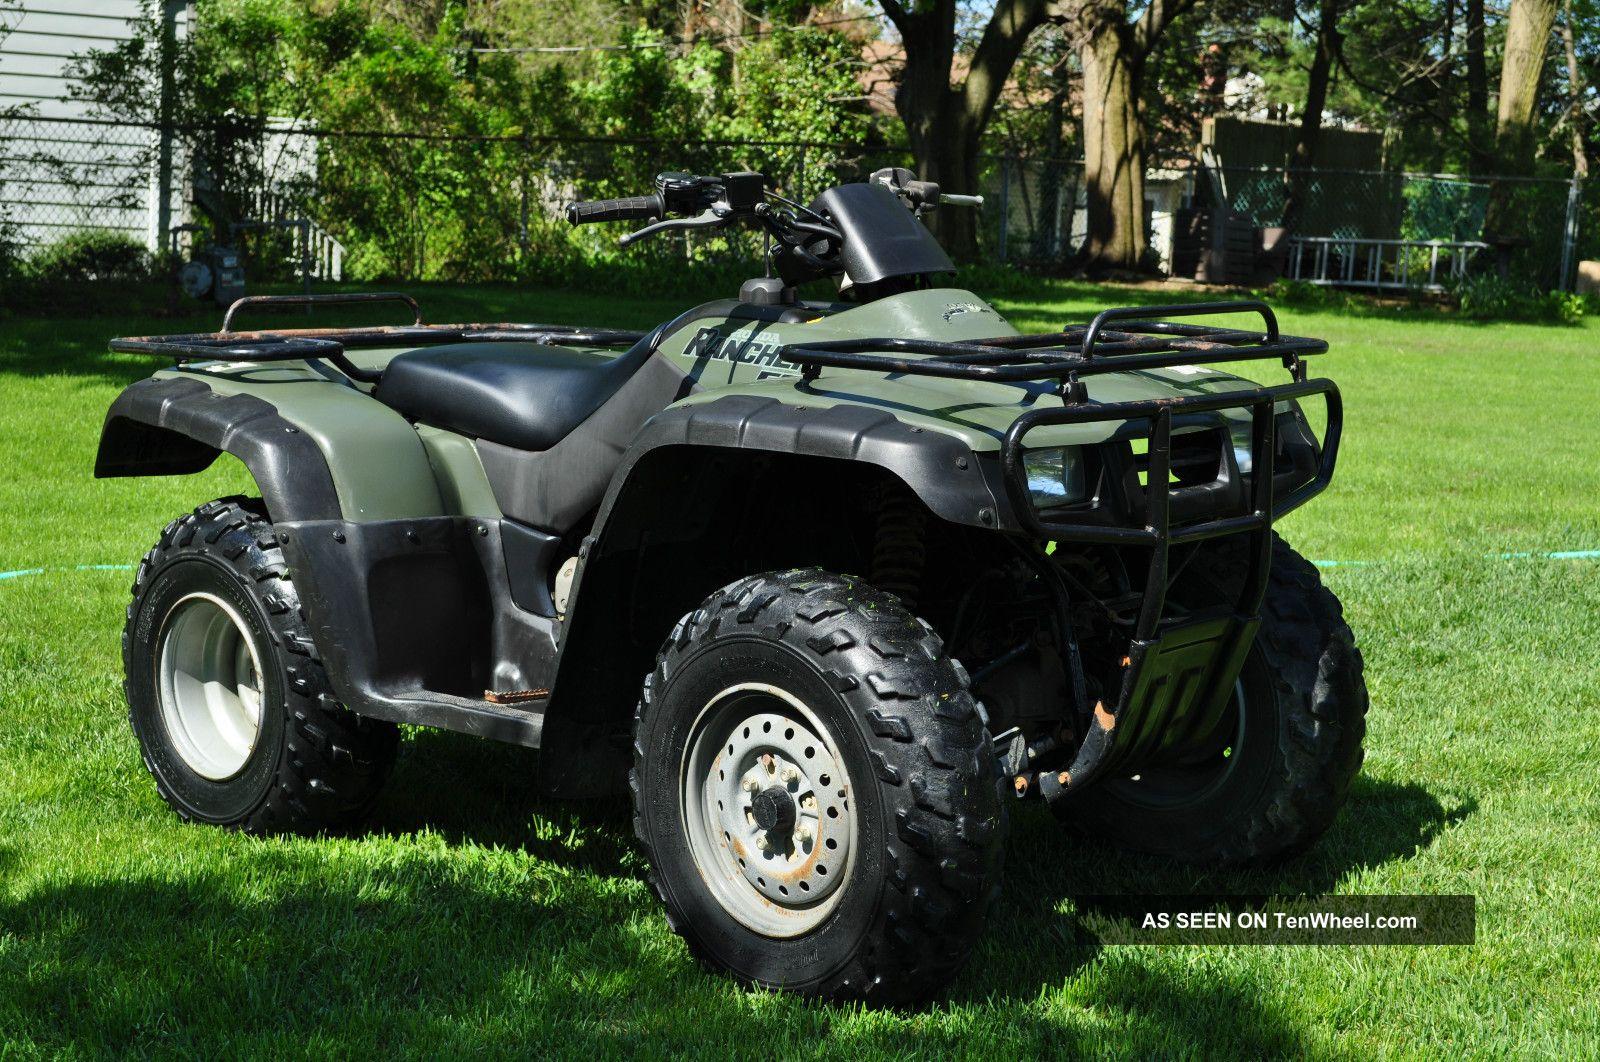 2000 Honda Rancher